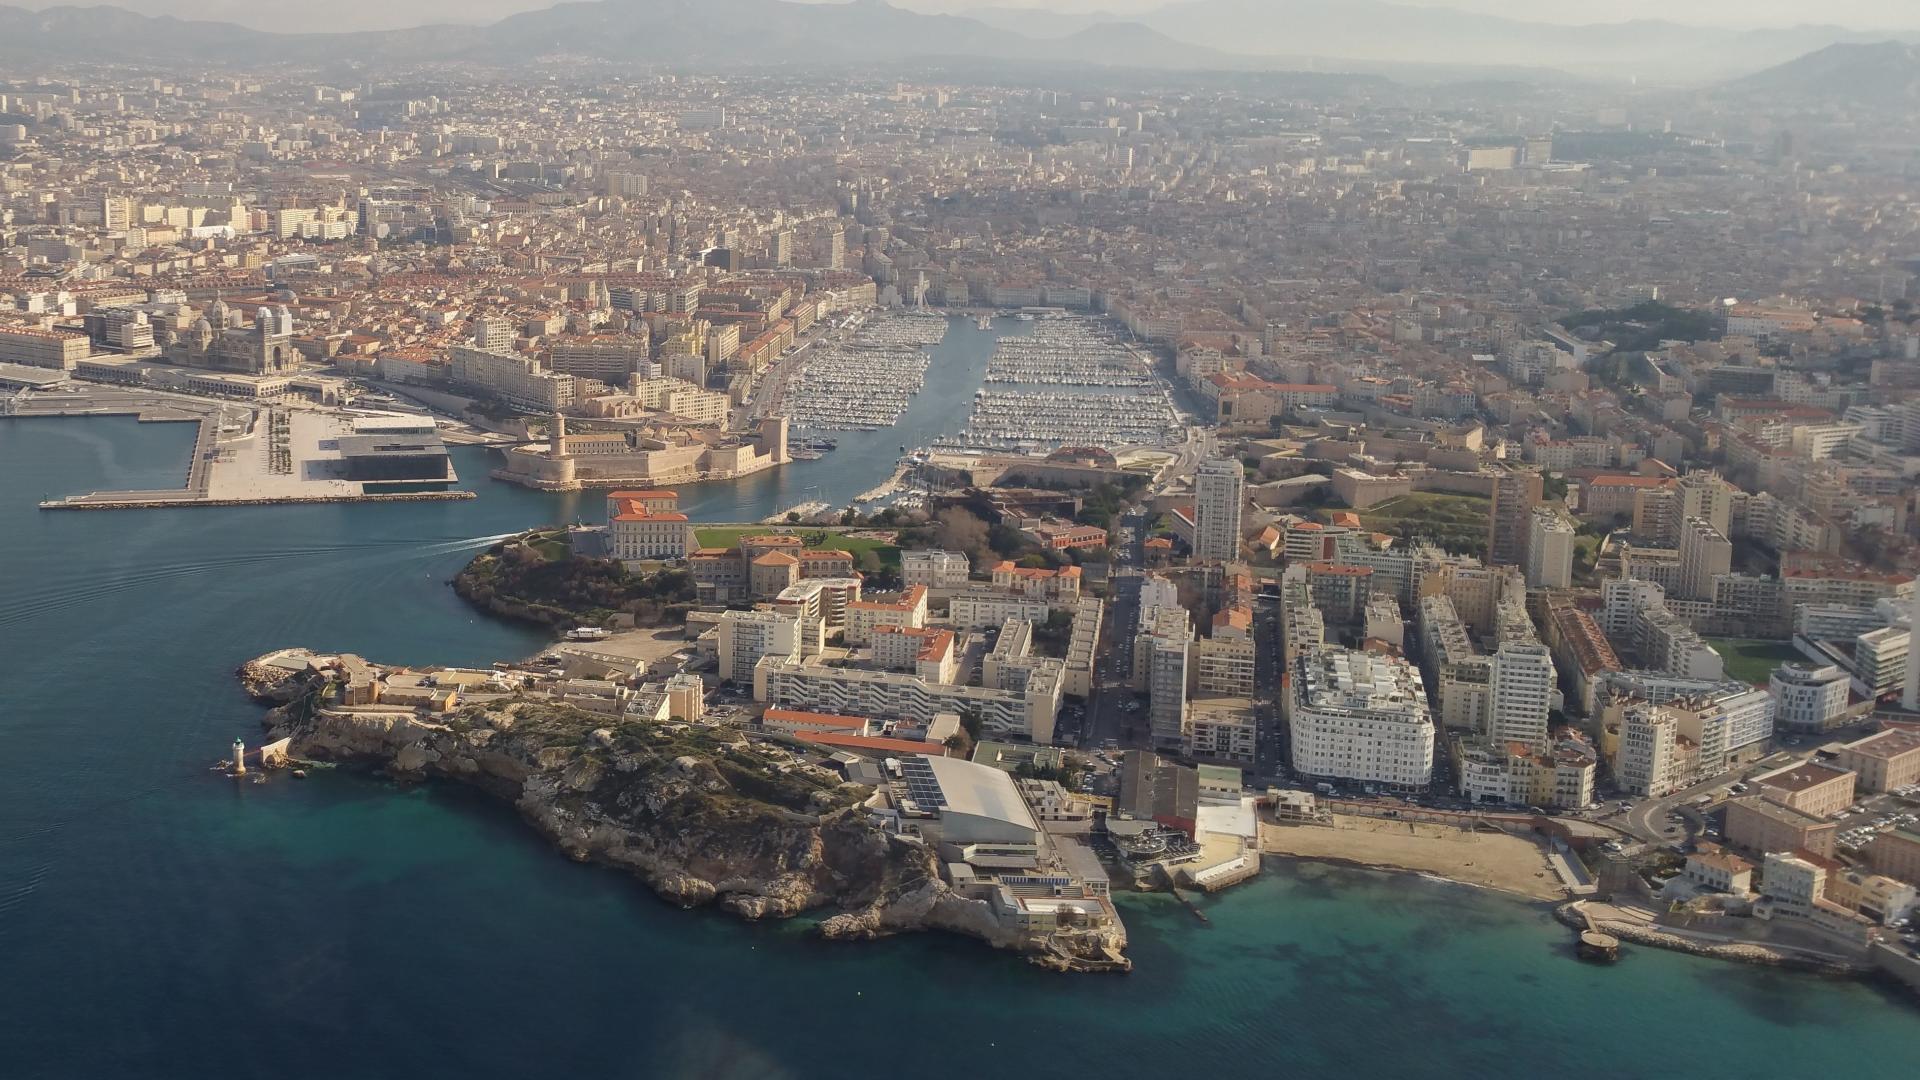 Le vieux port de marseille 3